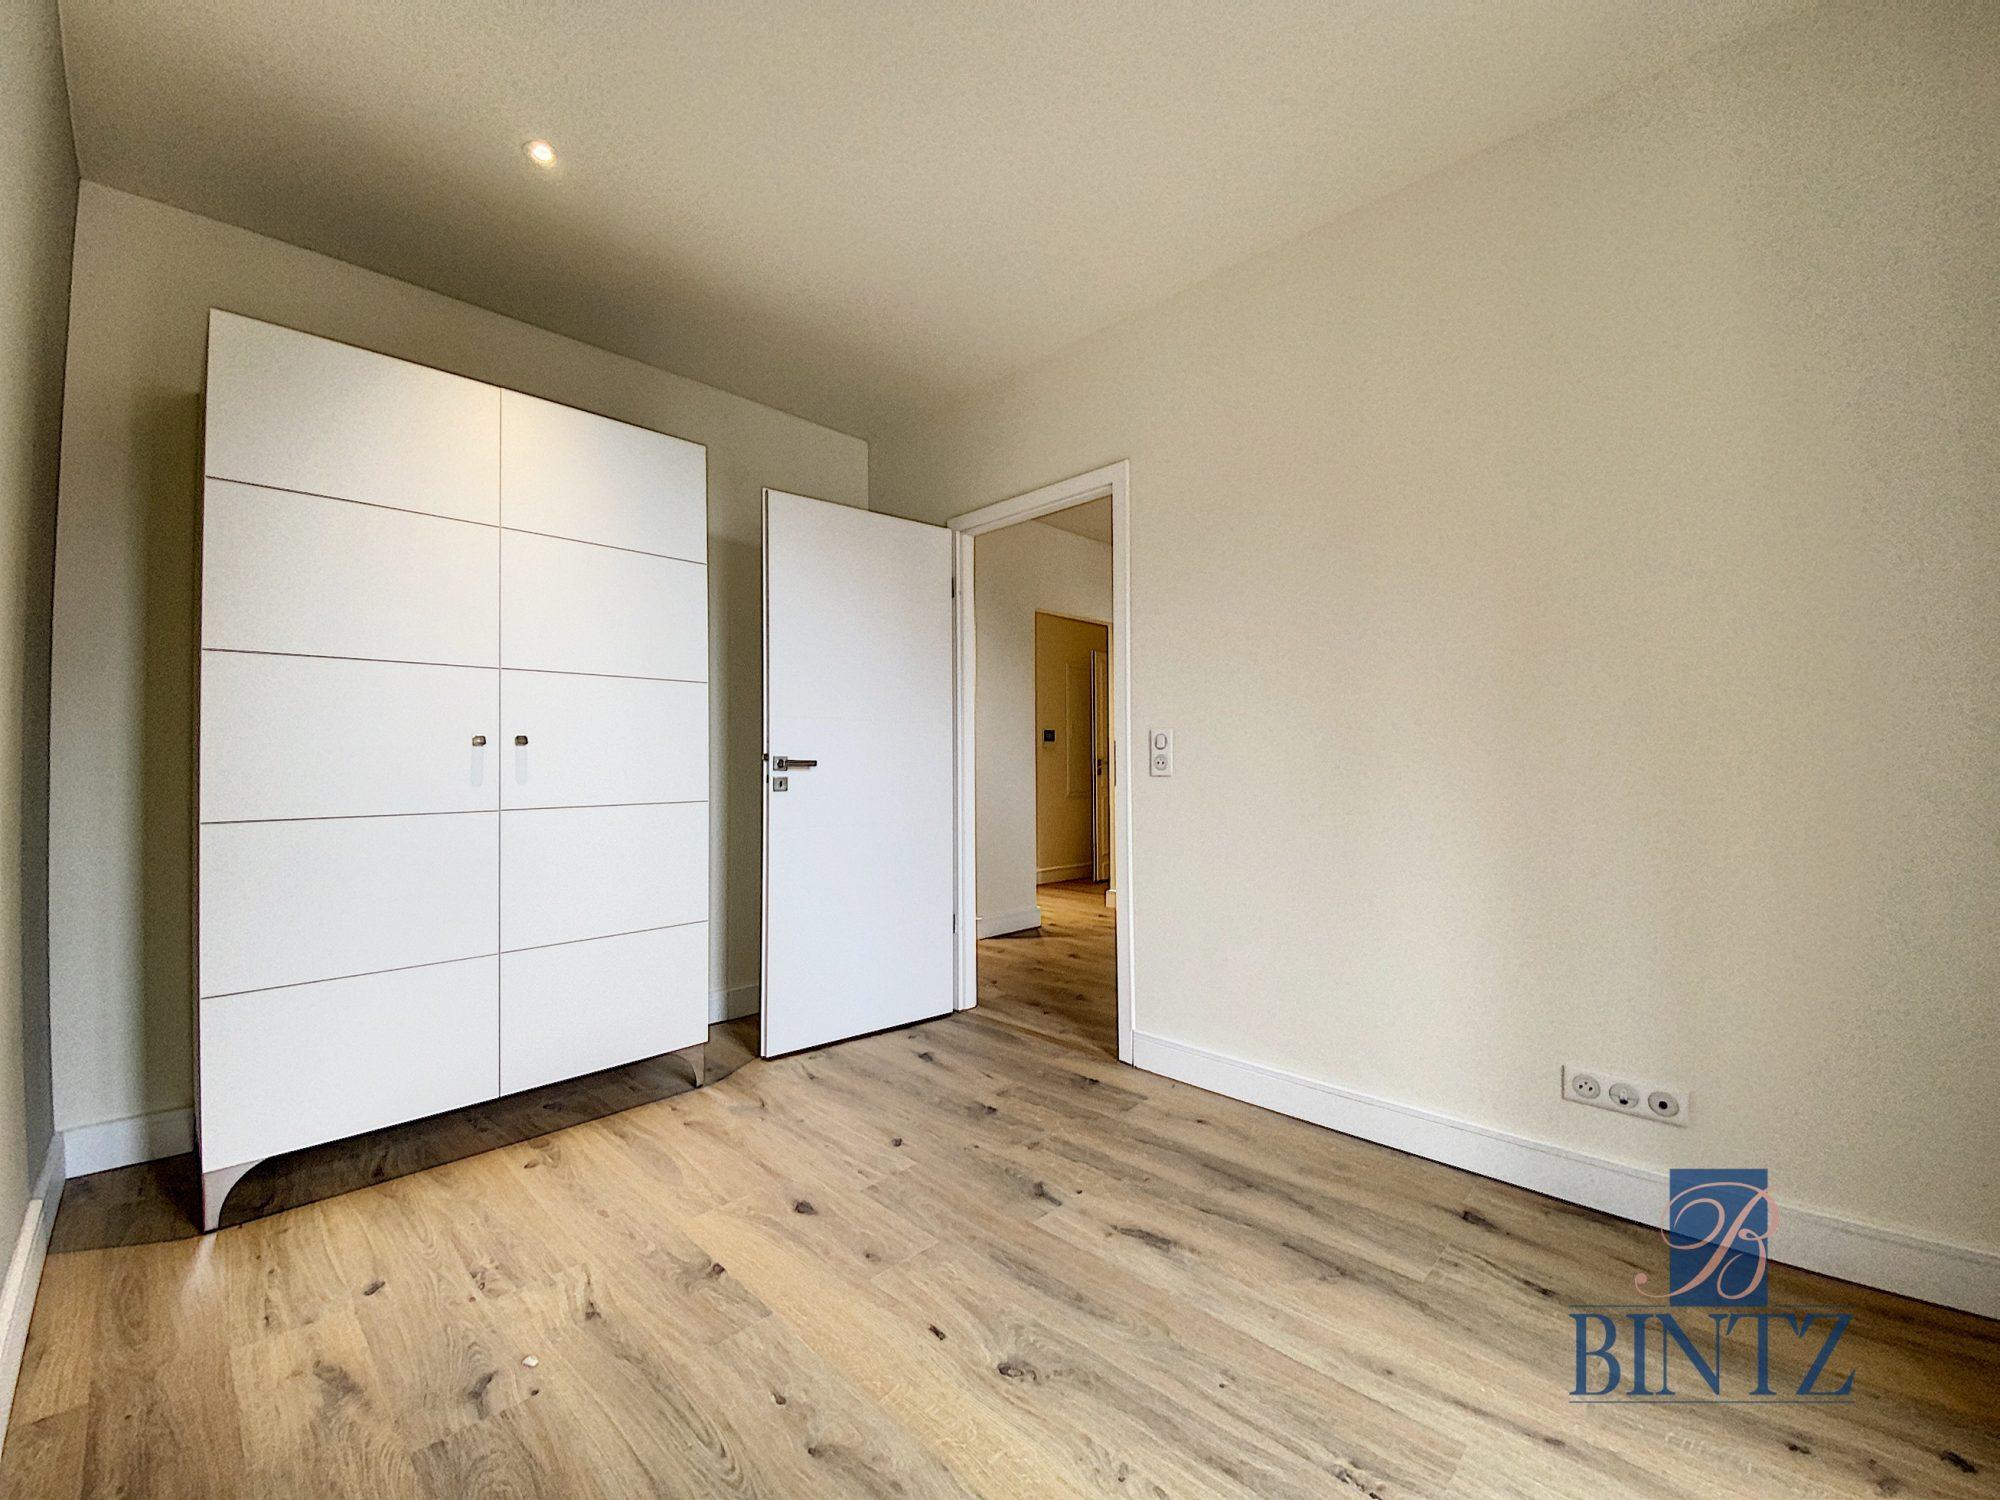 2 Pièces neuf avec balcon - Devenez locataire en toute sérénité - Bintz Immobilier - 4